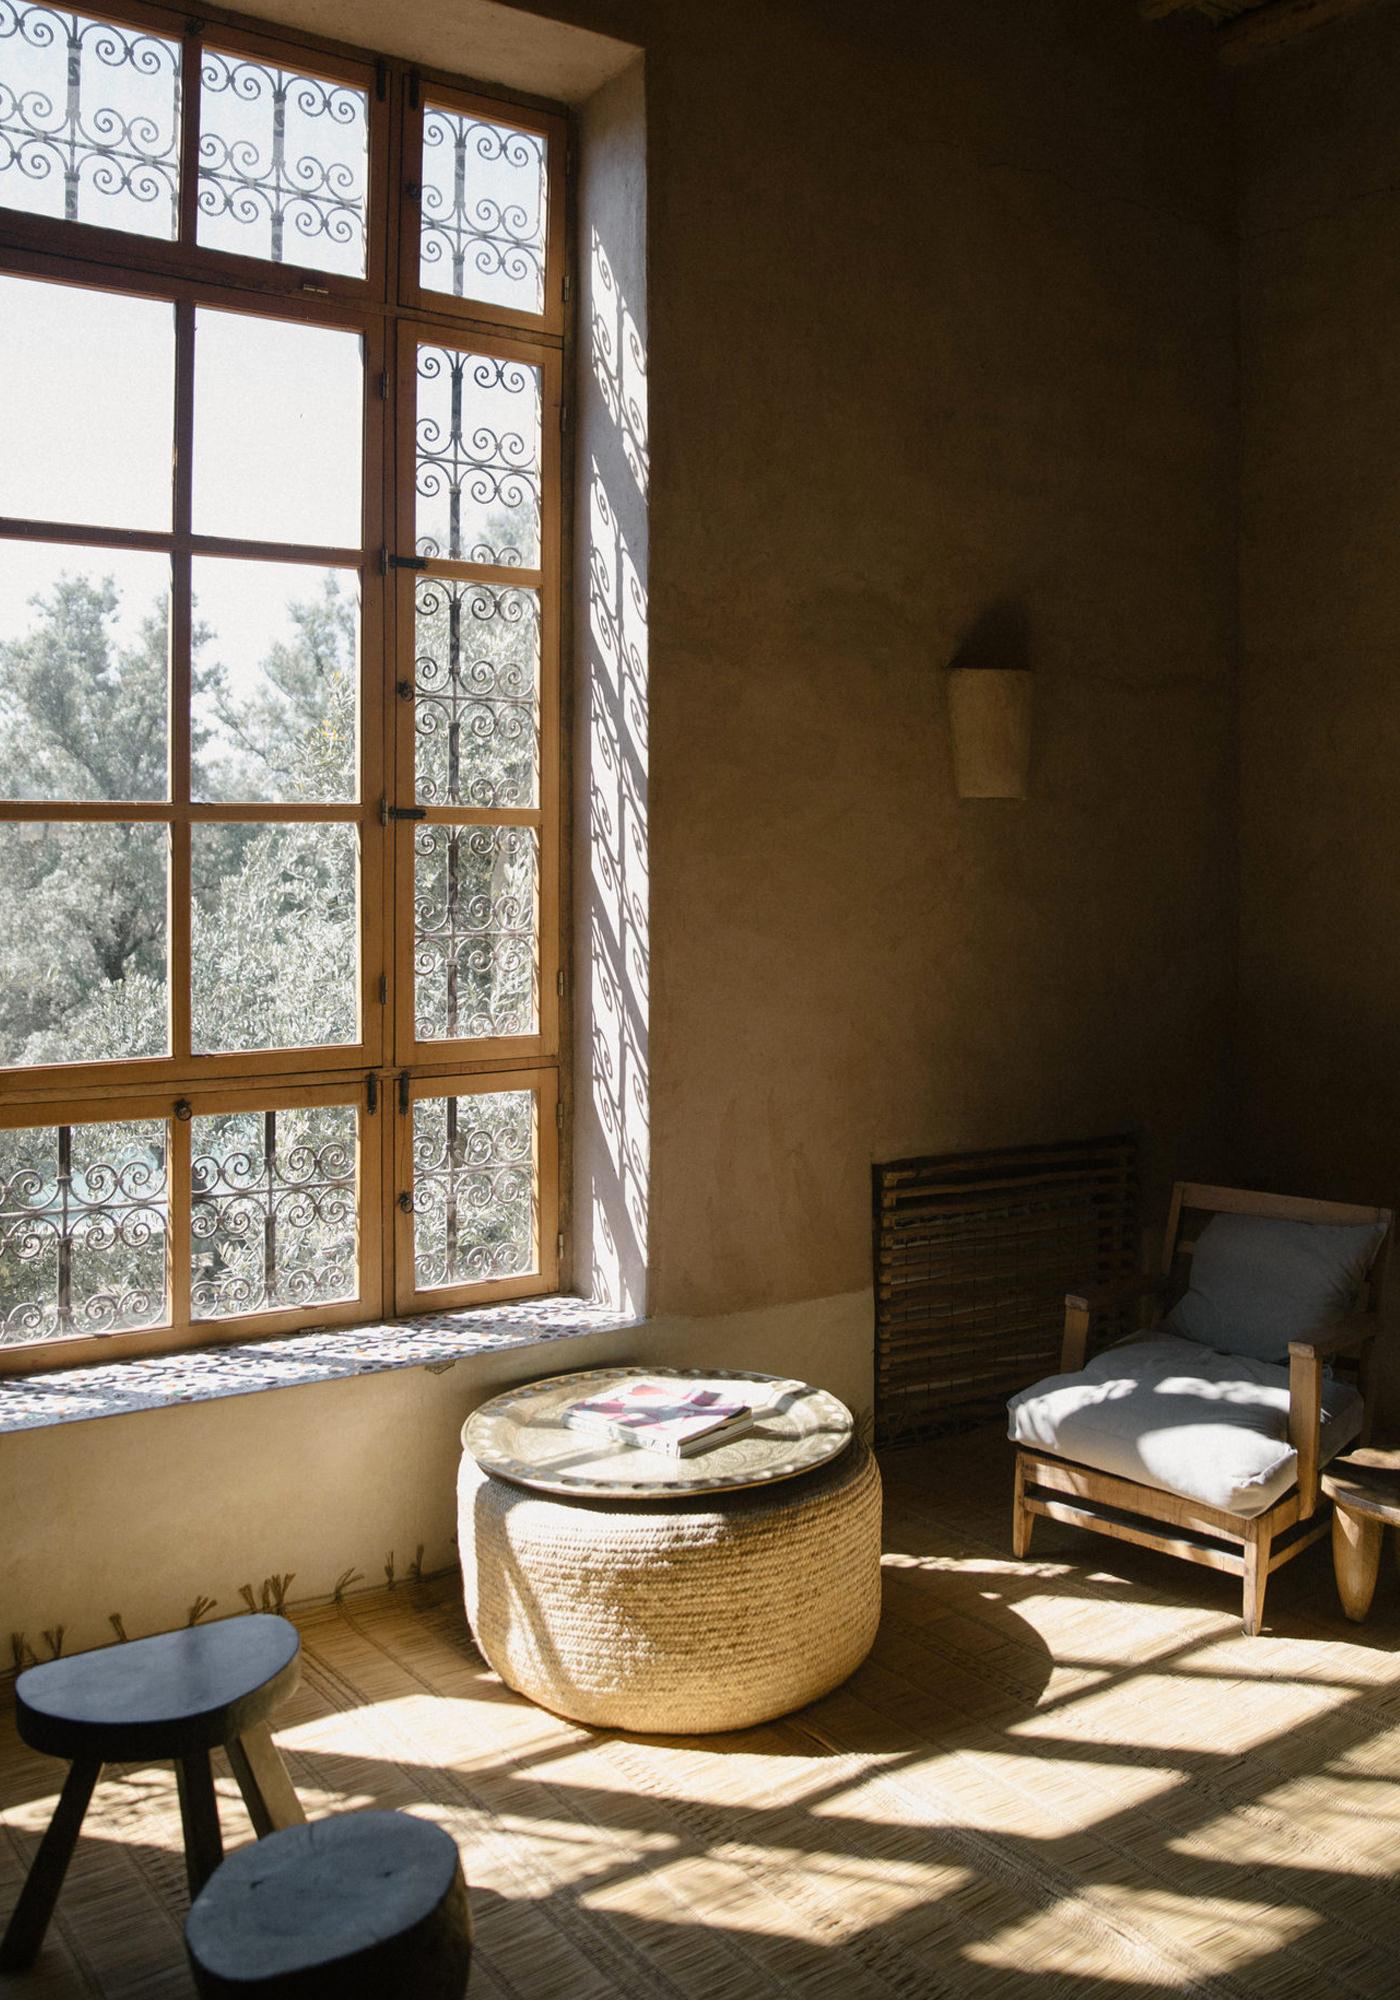 Berber Lodge Hotel Maison Oumnas Maroc Marrakech Intérieur Fenêtre